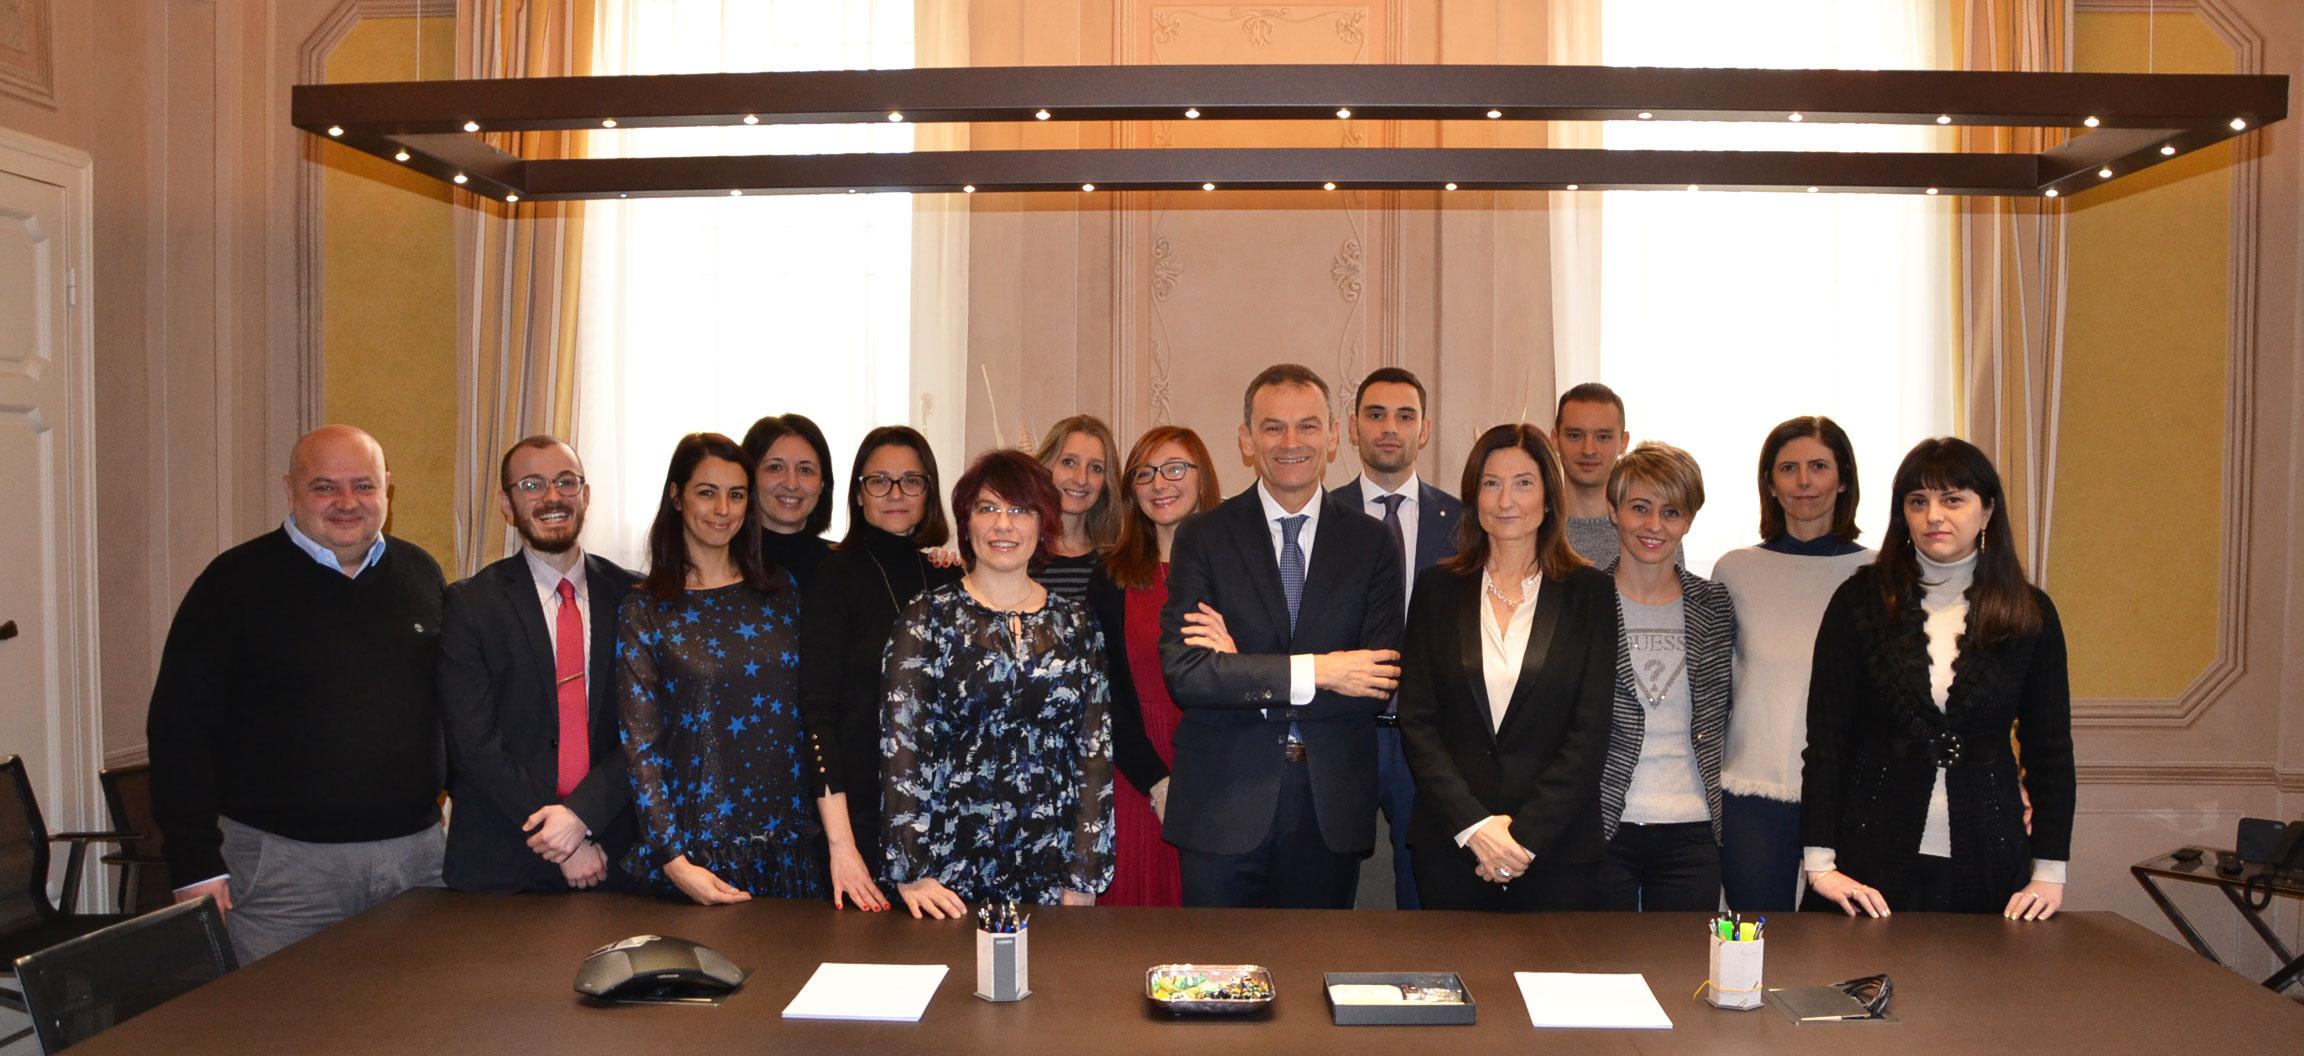 Foto di gruppo dello staff di Studio Berti Rizzoli